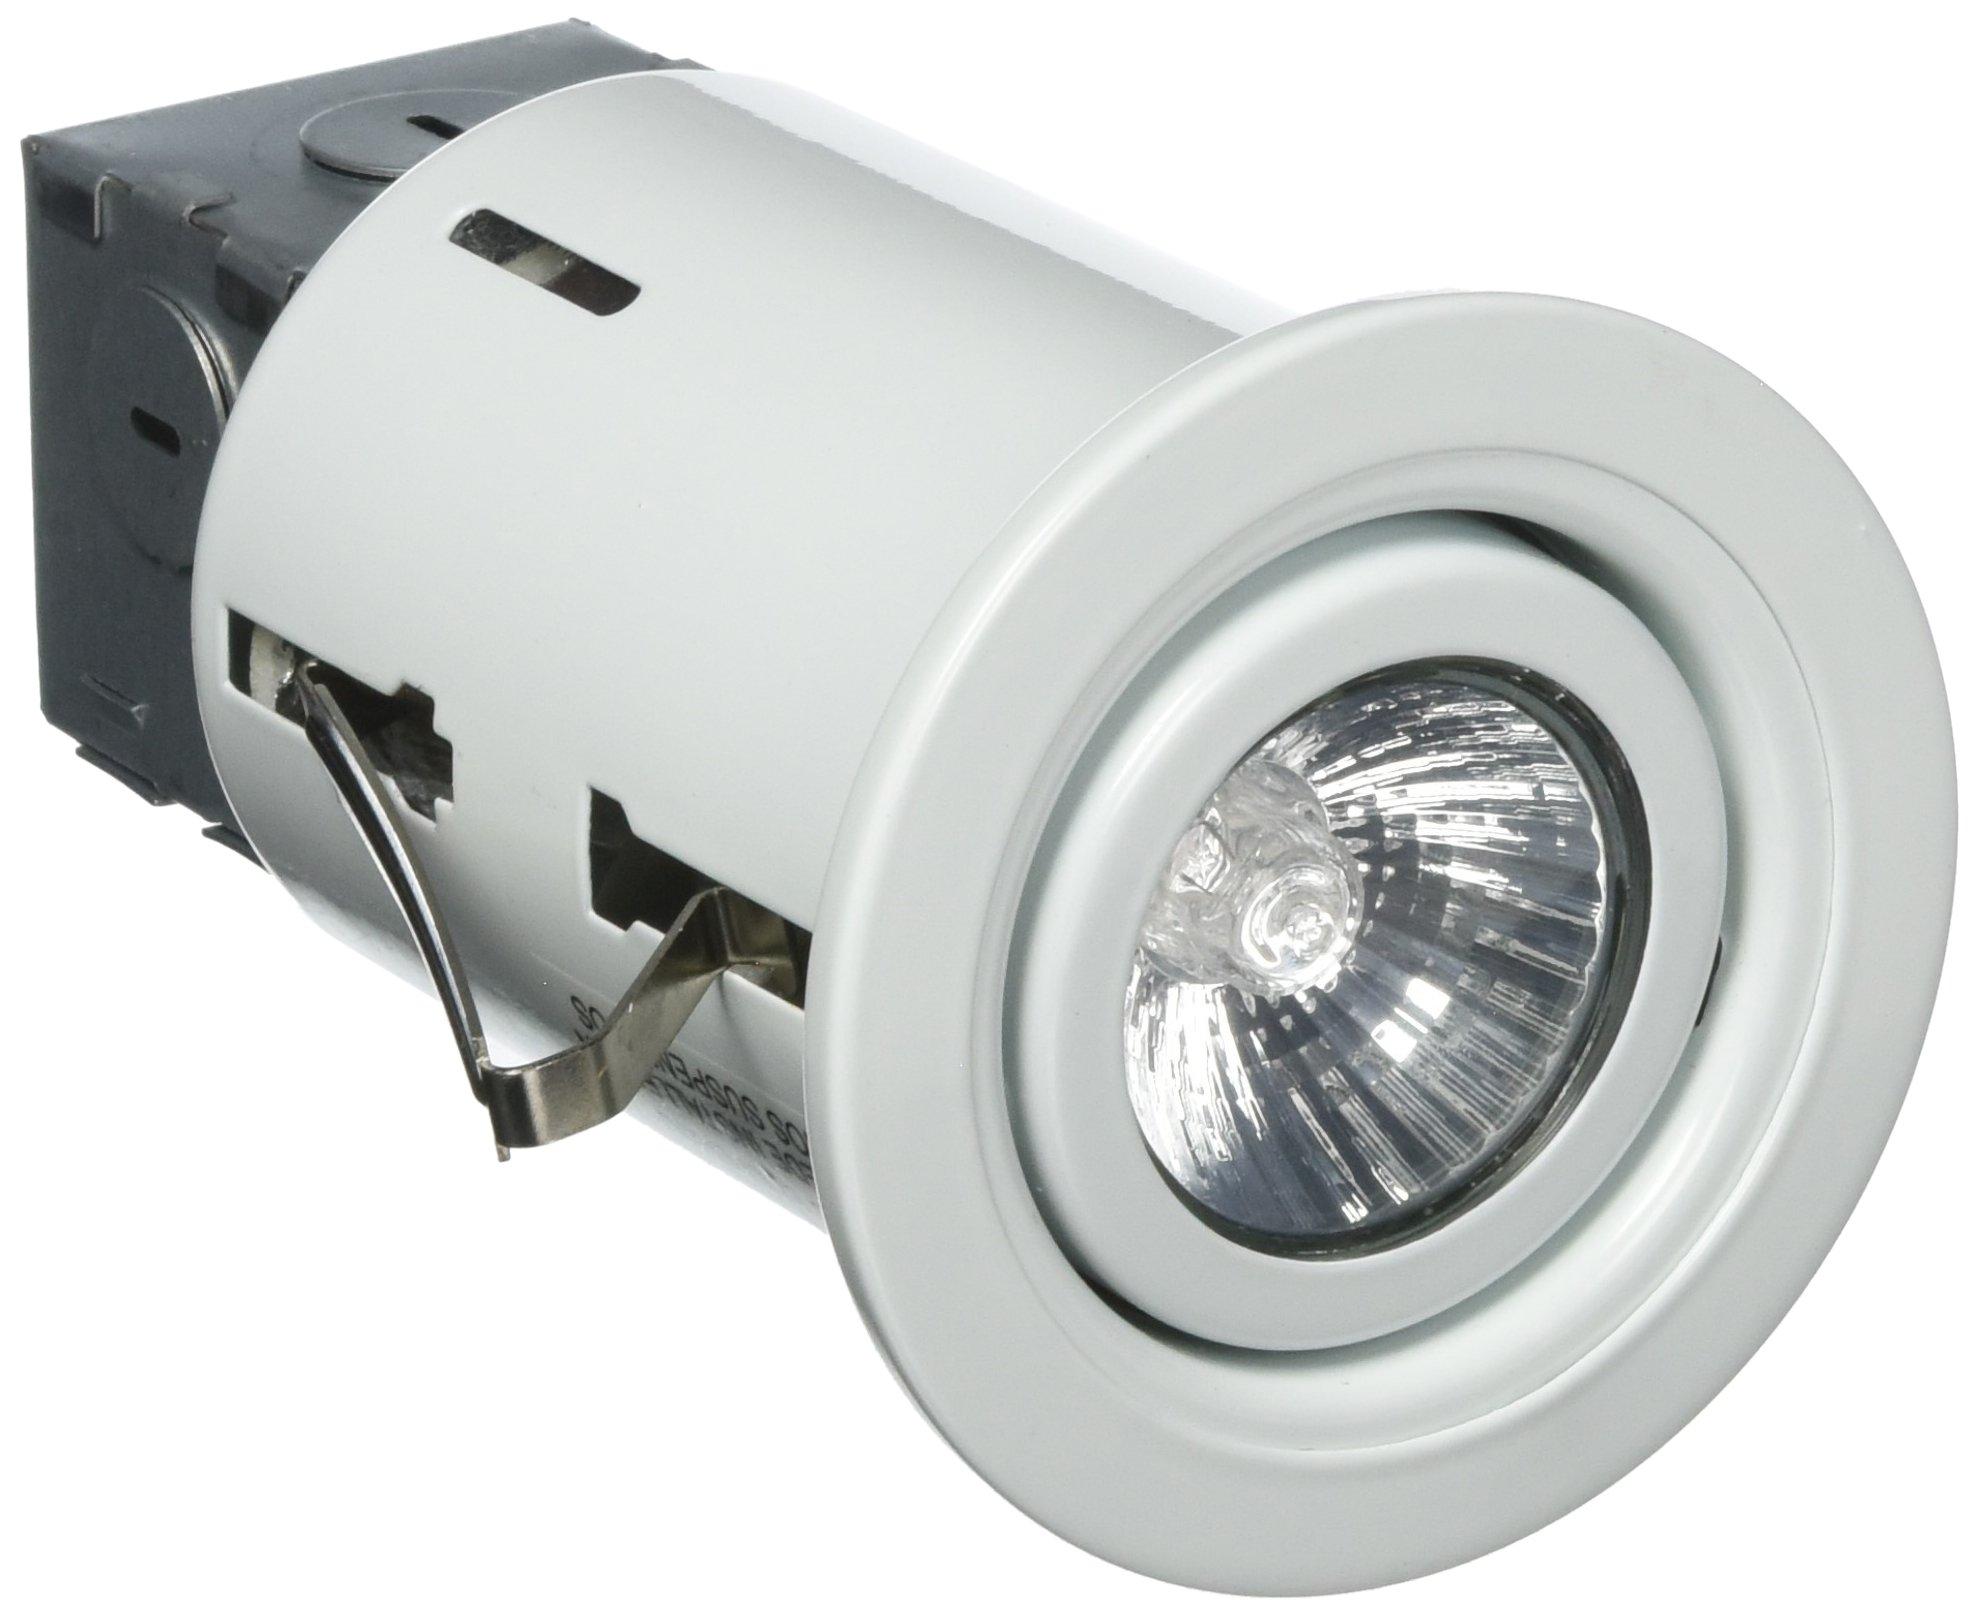 Powerzone RS6000R+TRIM603-W Recessed Light Kit, 50 W